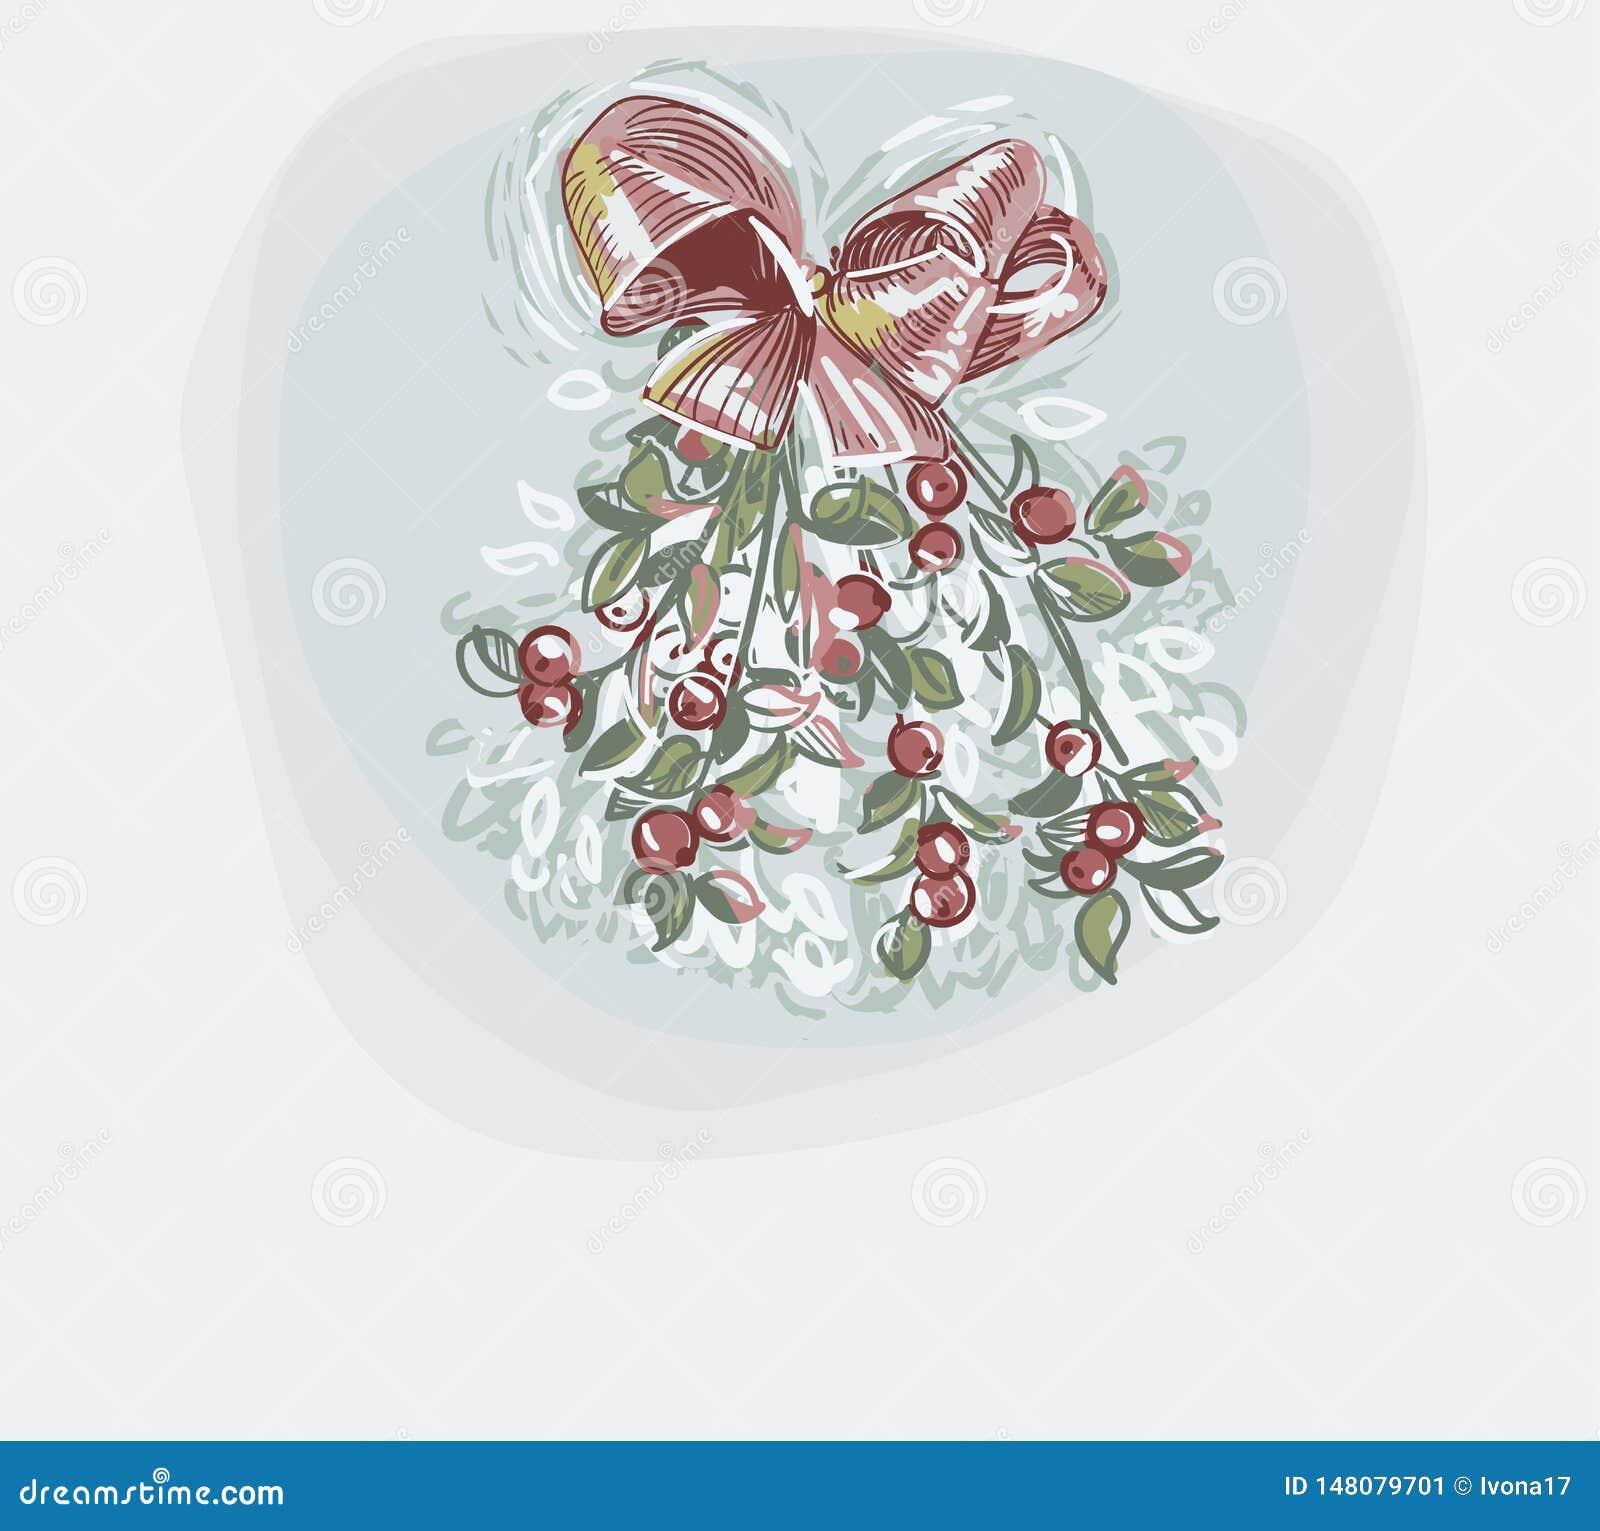 Γκι μπλε διανυσματικό καρτών Χριστουγέννων ύφος χρωμάτων κρητιδογραφιών χρώματος υποβάθρου μαλακό